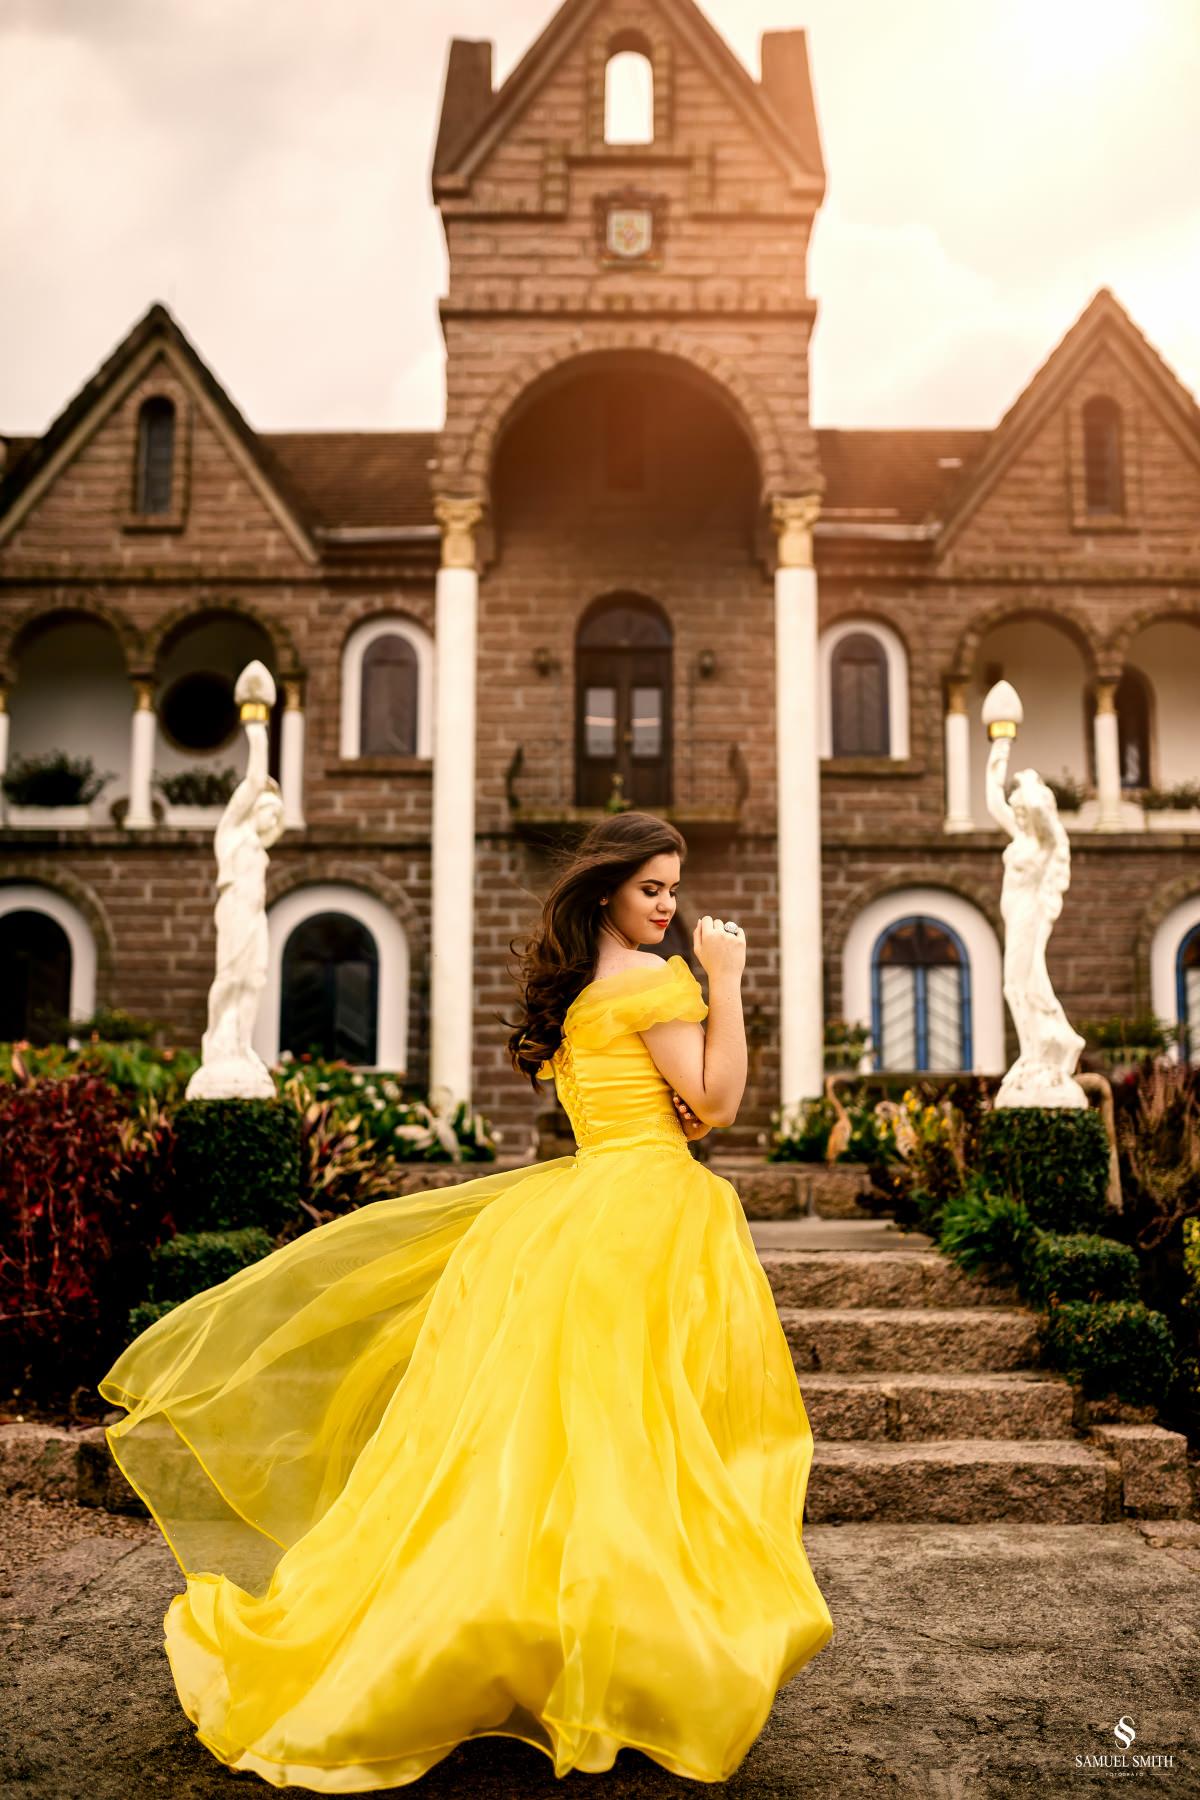 fotógrafo samuel smith book 15 anos tema bela e a fera castelo belvedere treze de maio sc (14)